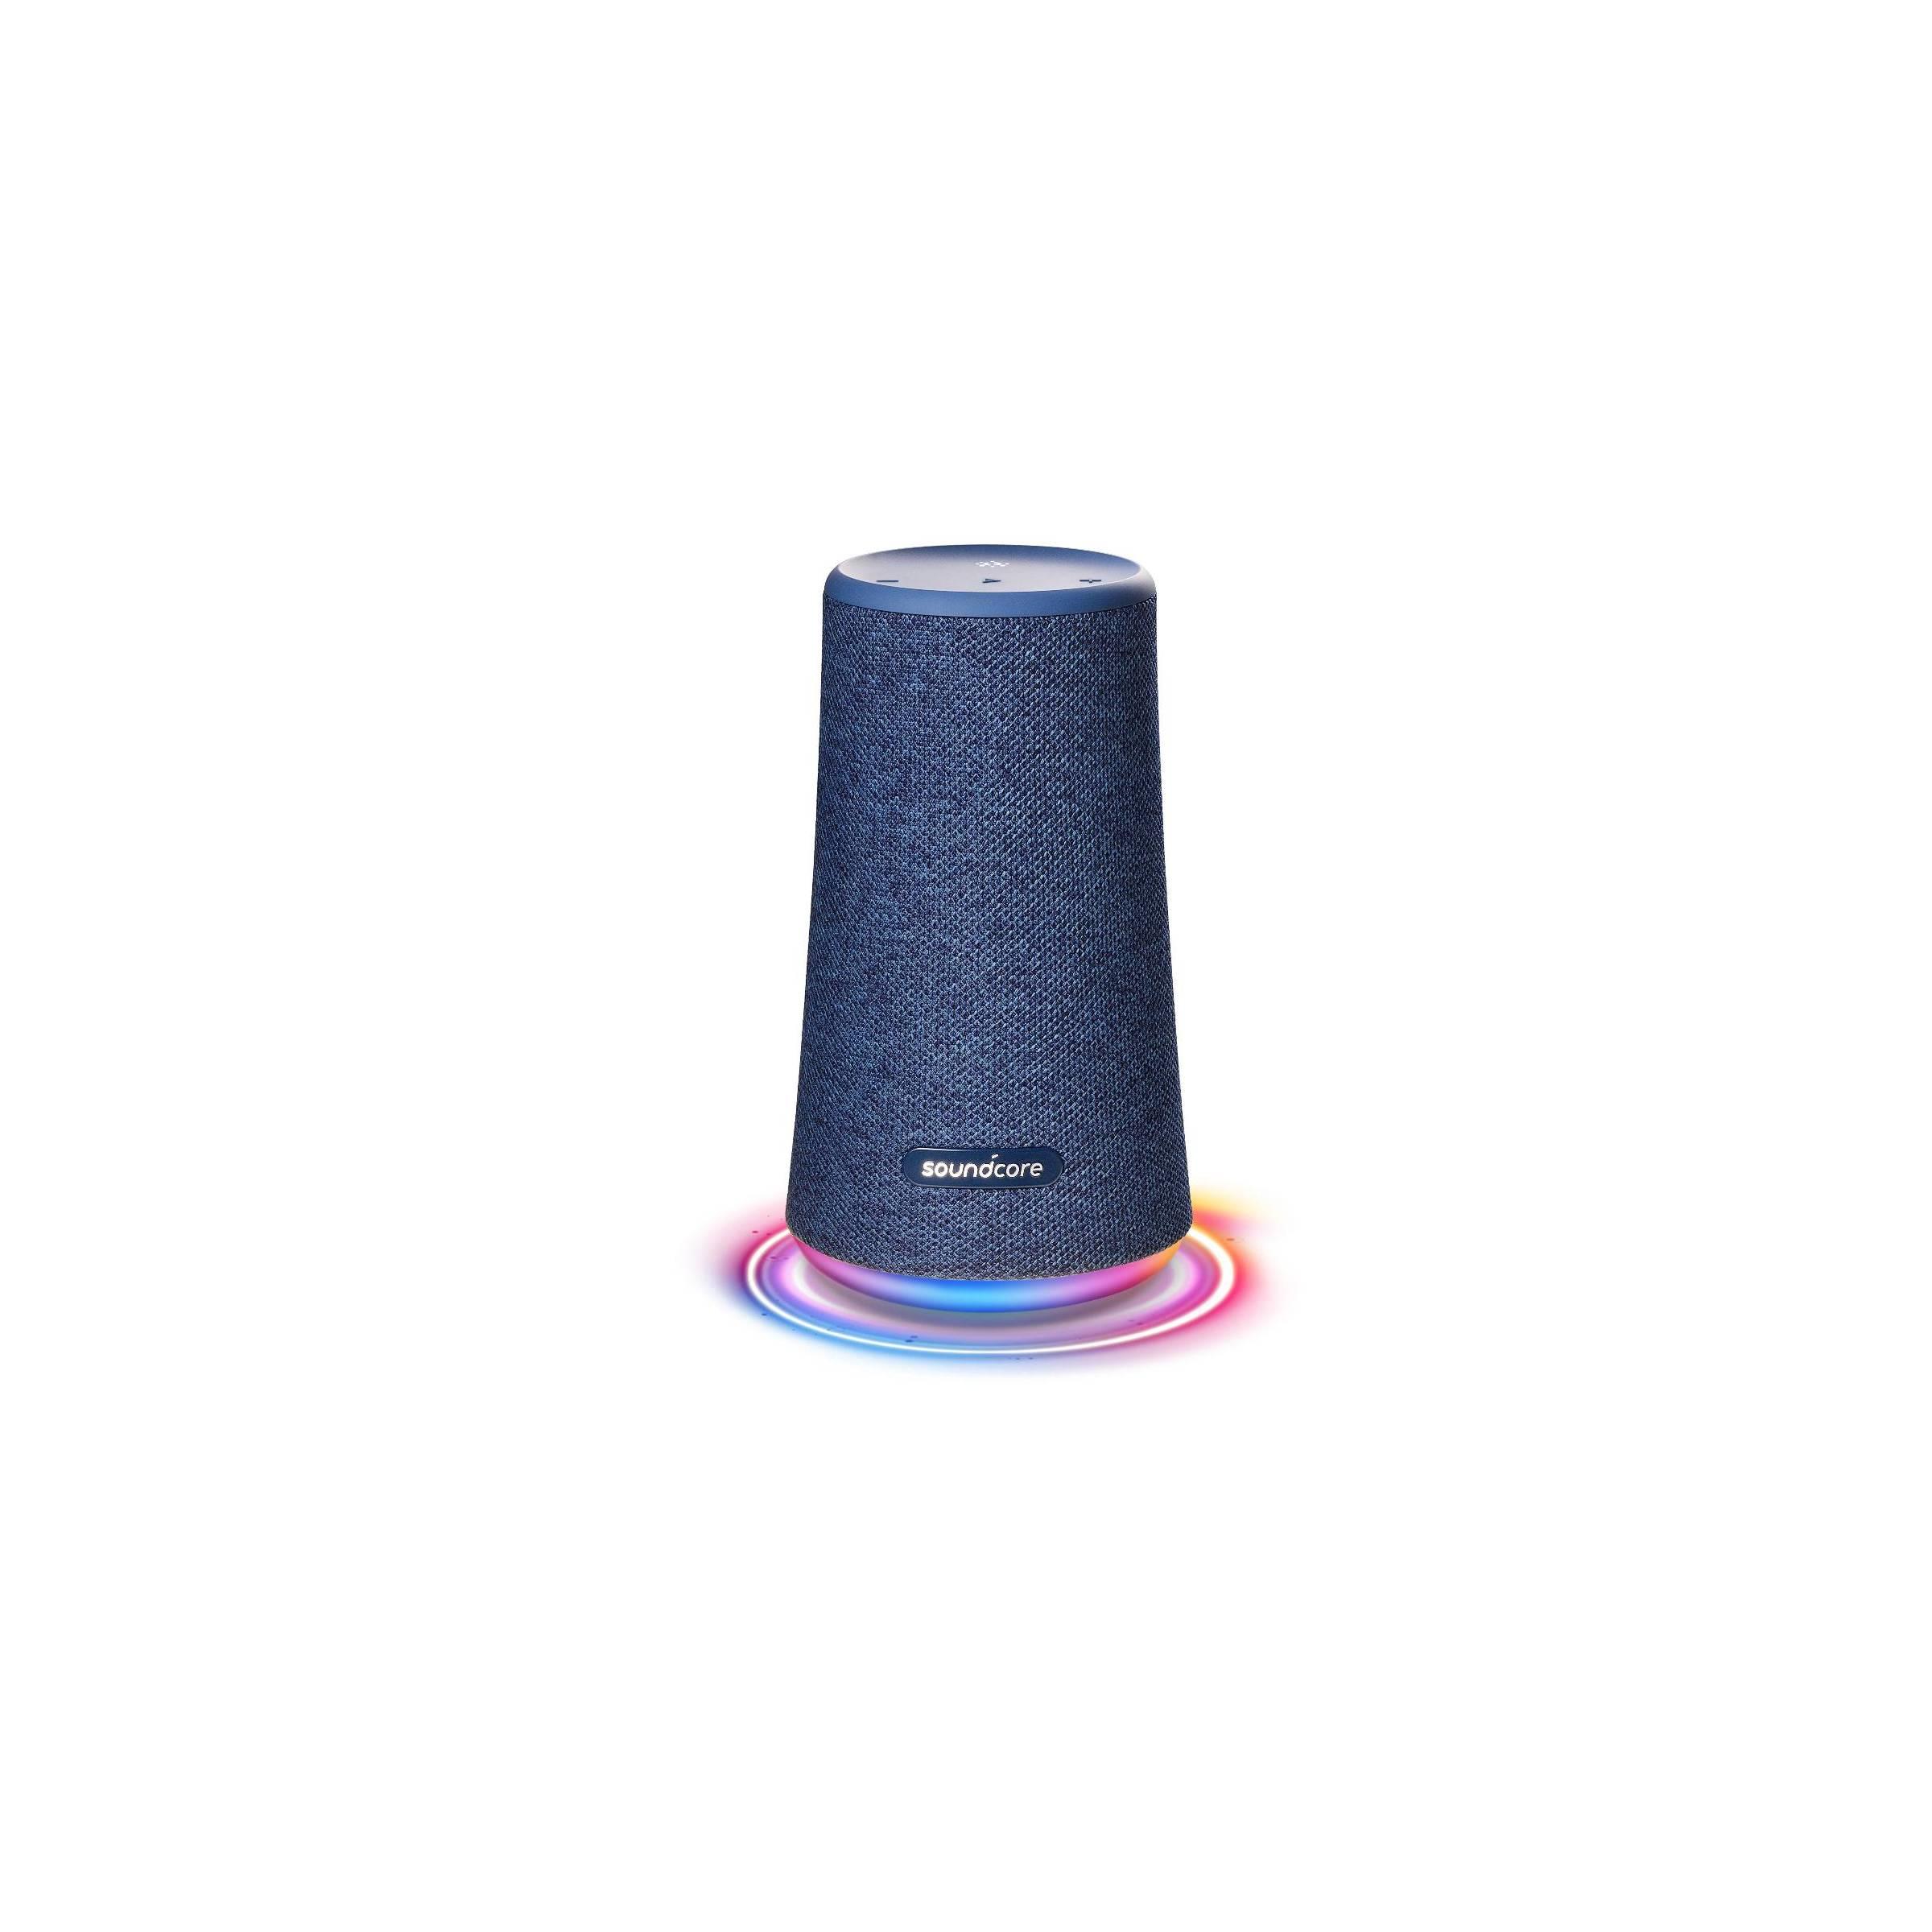 anker Anker soundcore flare+ højtaler blå bt og vandtæt fra mackabler.dk